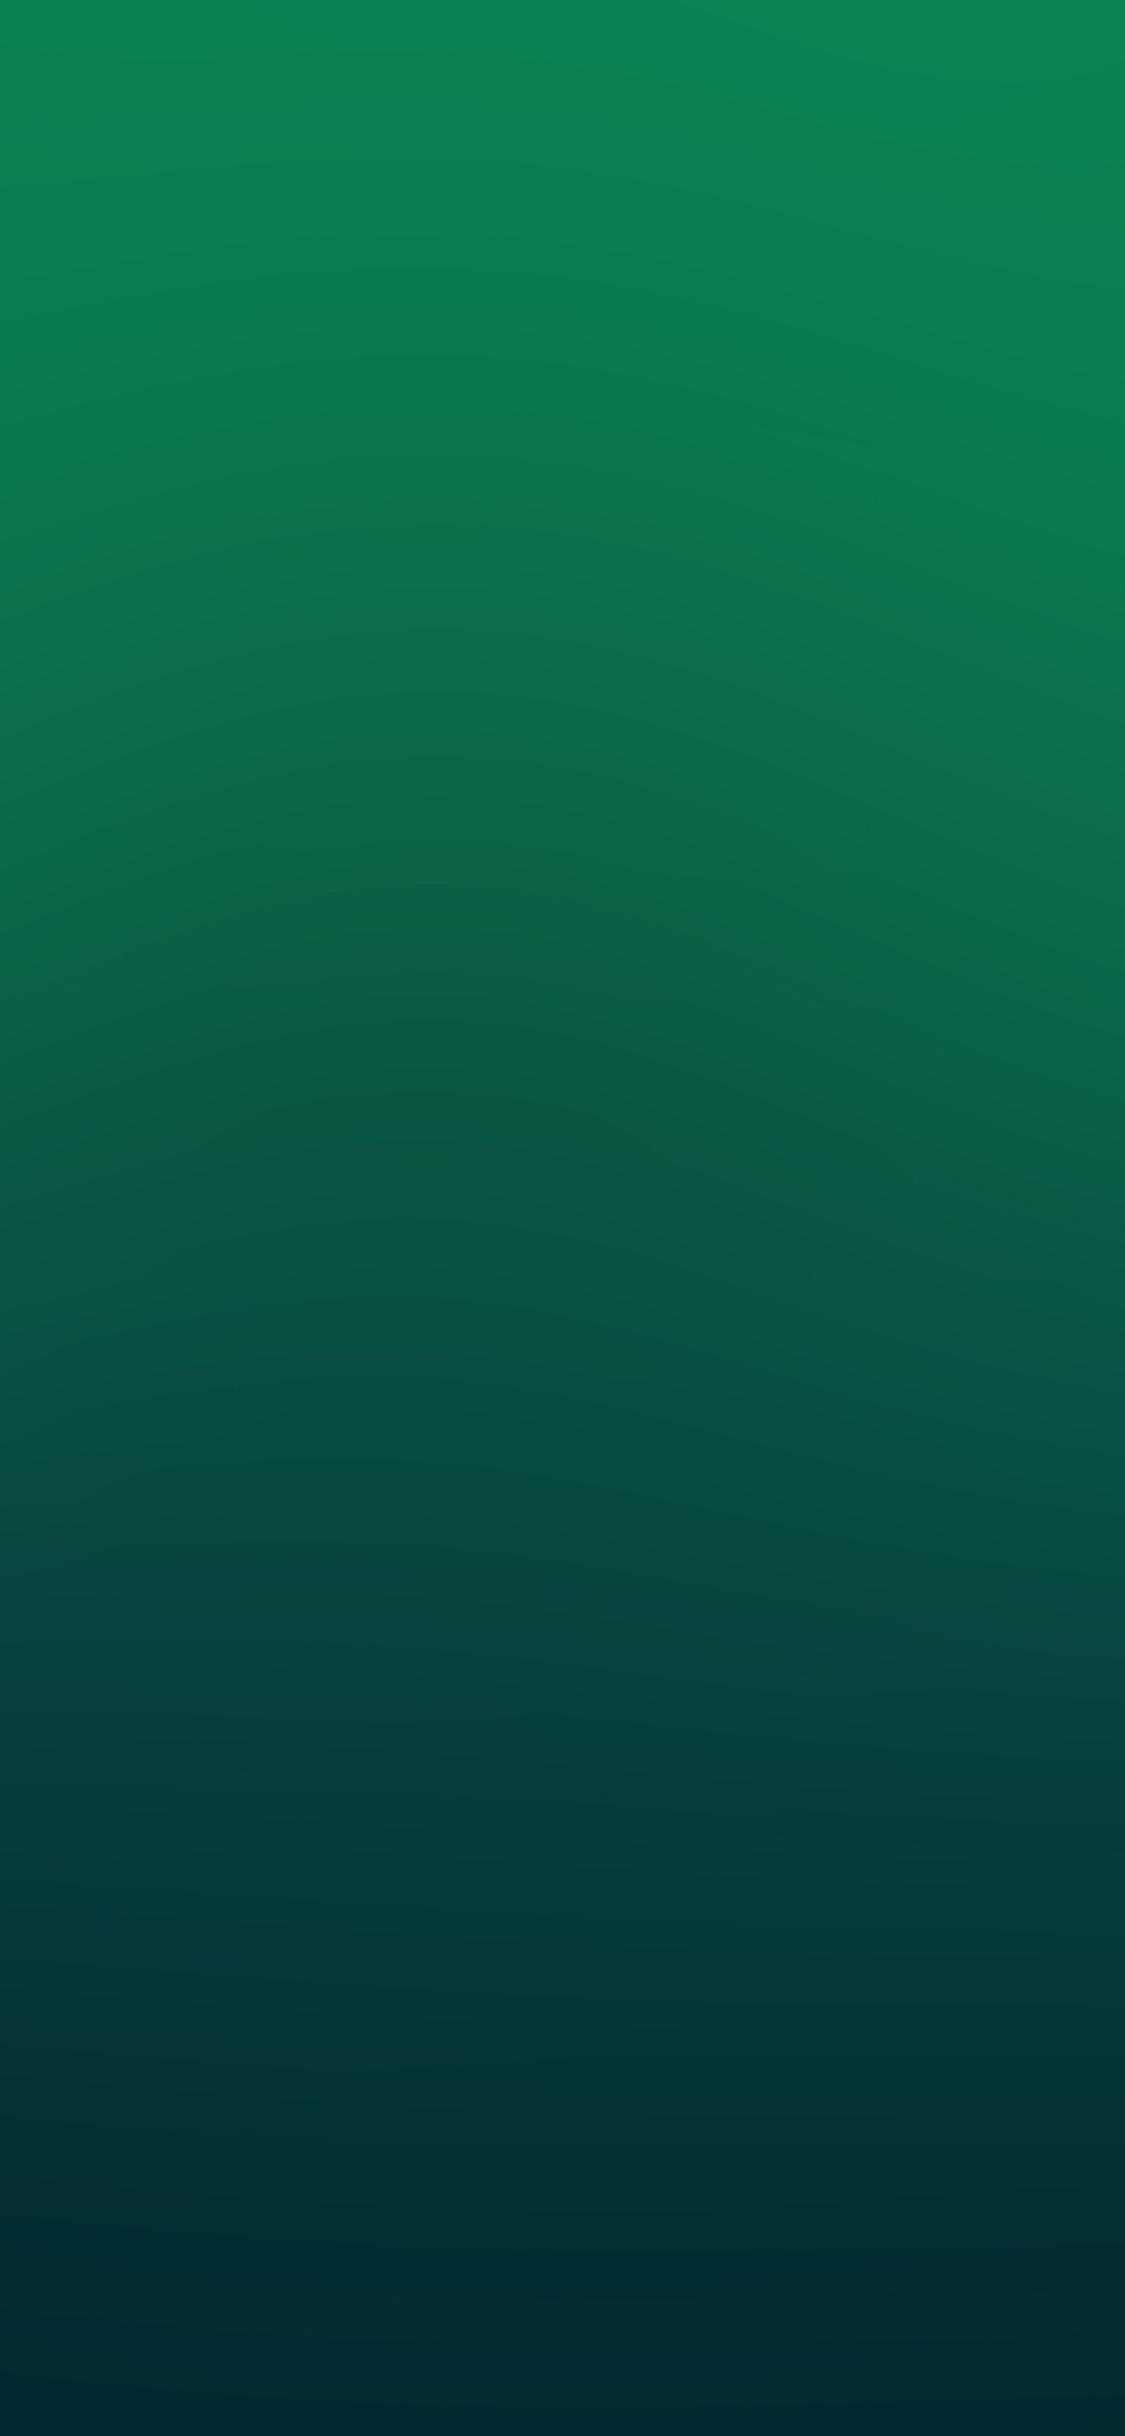 Iphonexpapers Com Iphone X Wallpaper Sh81 Green Blue Deep Ocean